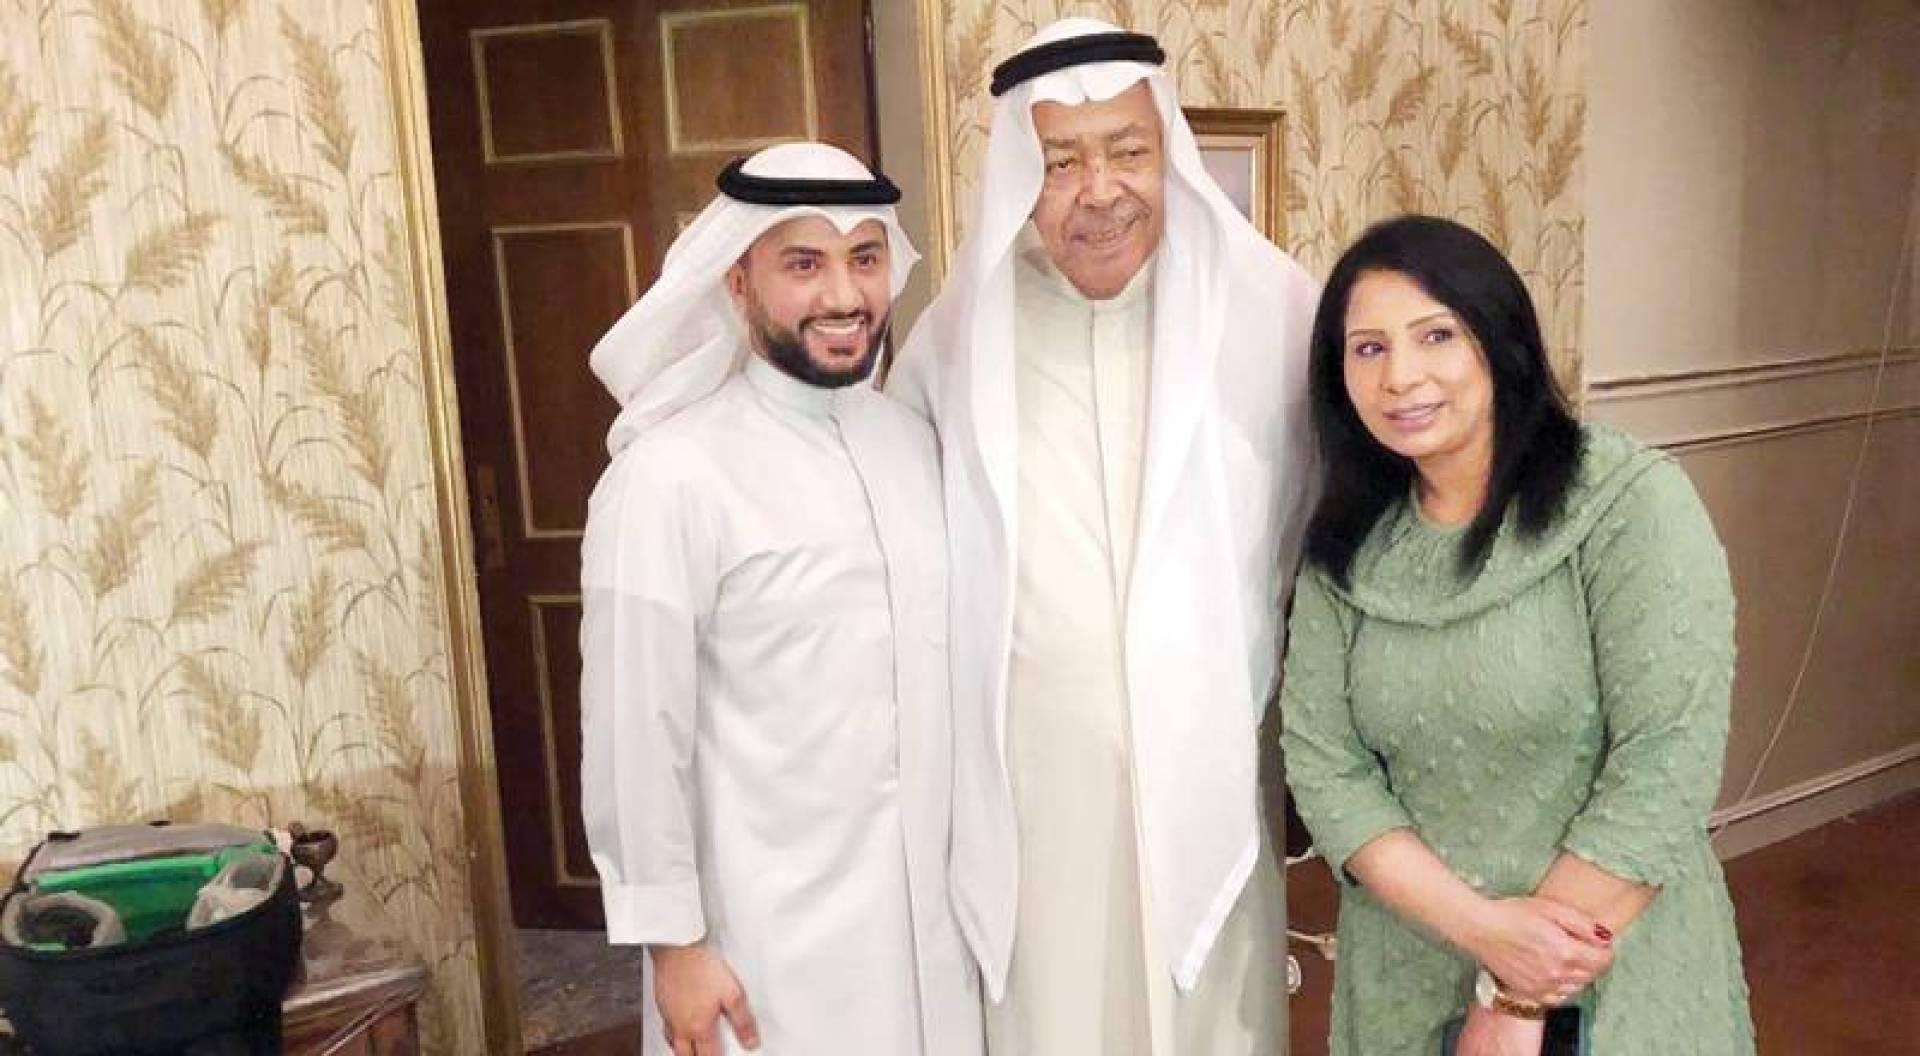 عبدالمحسن الروضان وسعد الفرج ومي البلوشي من كواليس «إفراج مشروط»